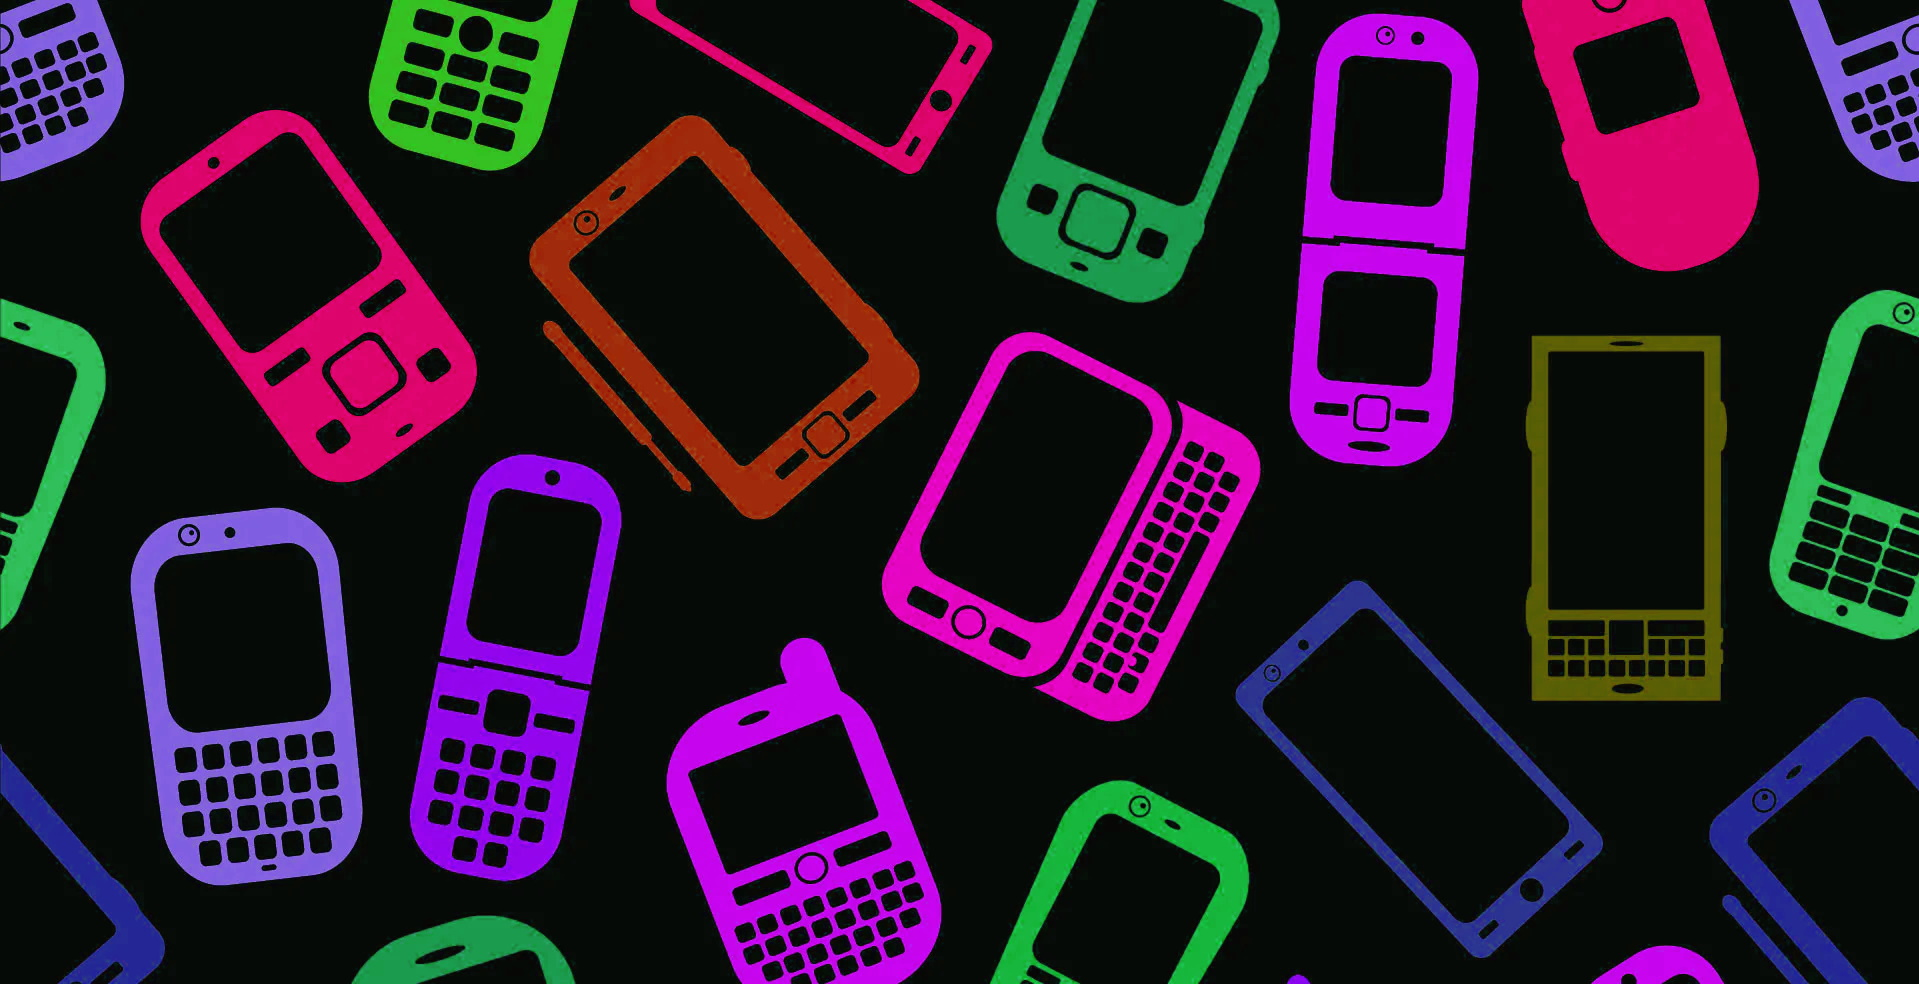 La pandemia ha sconvolto molti aspetti delle nostre vite, forzando un'ammodernamento digitale